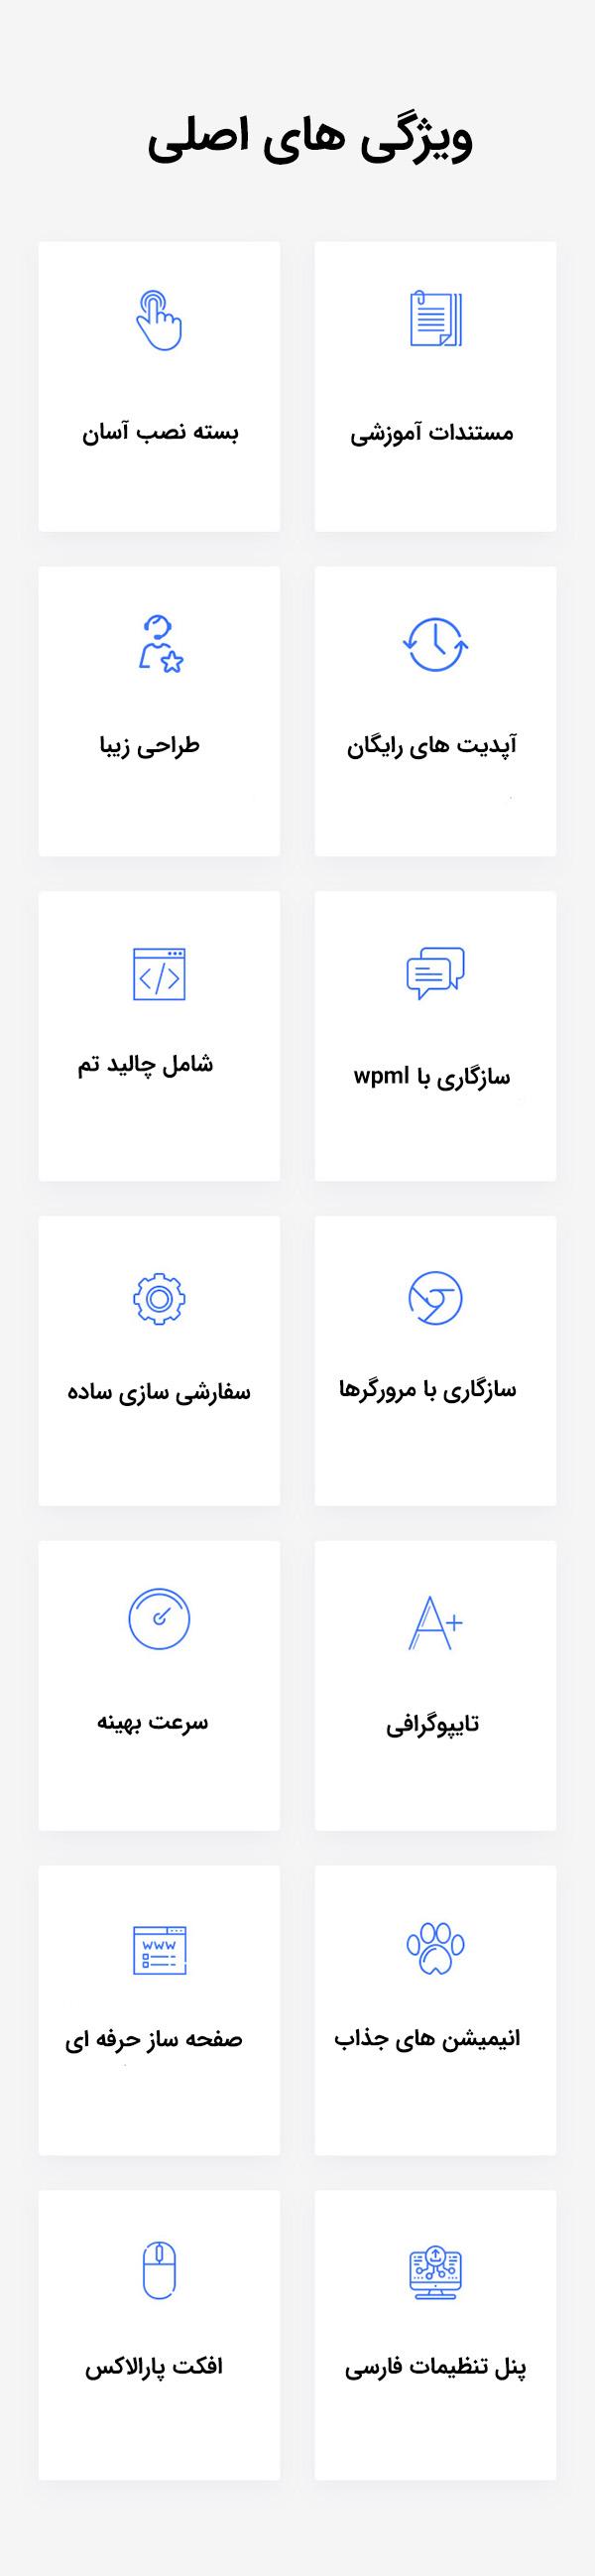 قالب AppArt | قالب شرکتی AppArt پوسته وردپرس شرکتی AppArt | قالب خلاقانه شرکتی